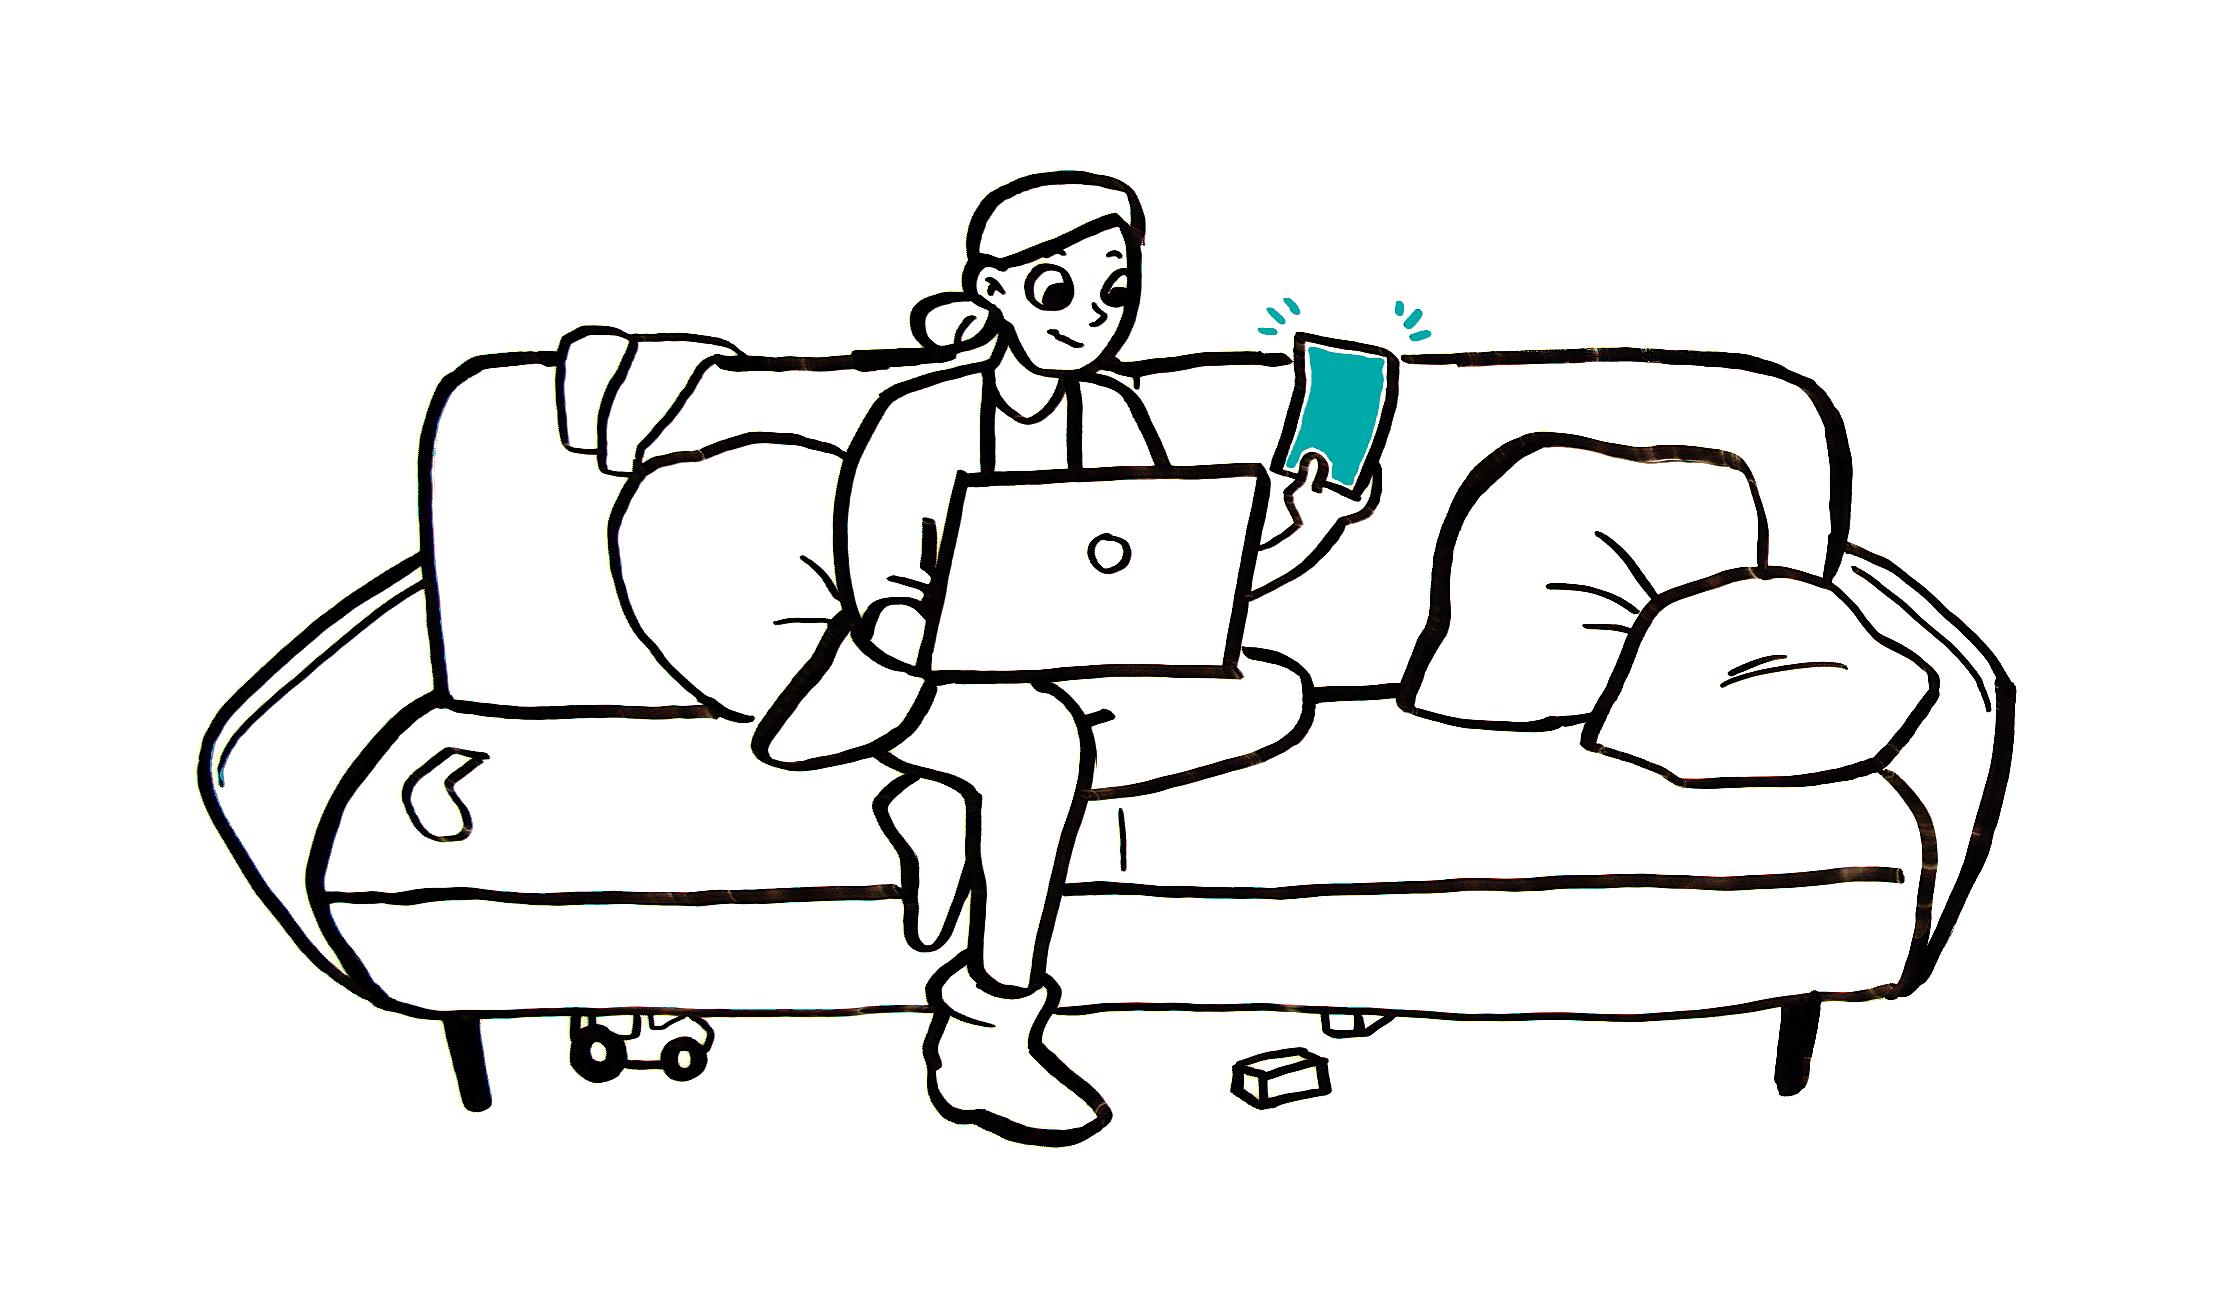 Vanhempi istuu sohvalla kannettavan tietokoneen kanssa ja on rekisteröitymässä Ole läsnä lapsellesi -ohjelmaan neuvolasta saadun koodin avulla.